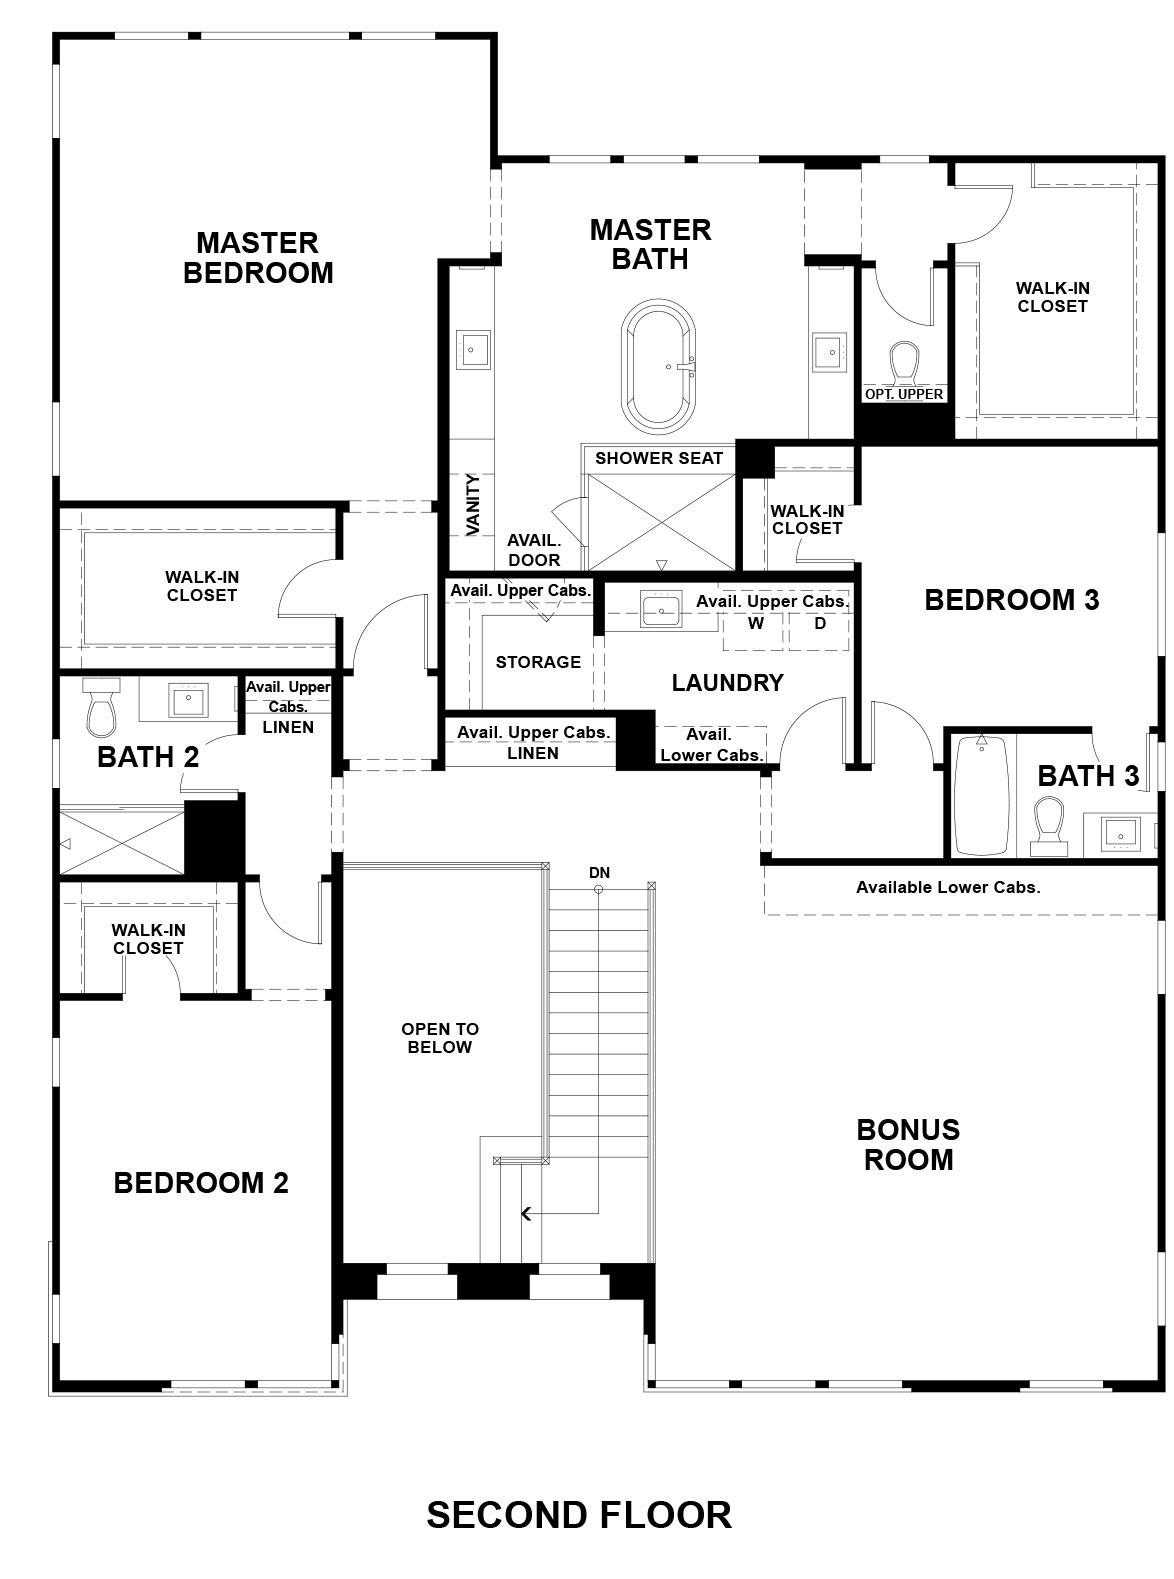 Ridgepointe floor plan - Residence 1, floor 2